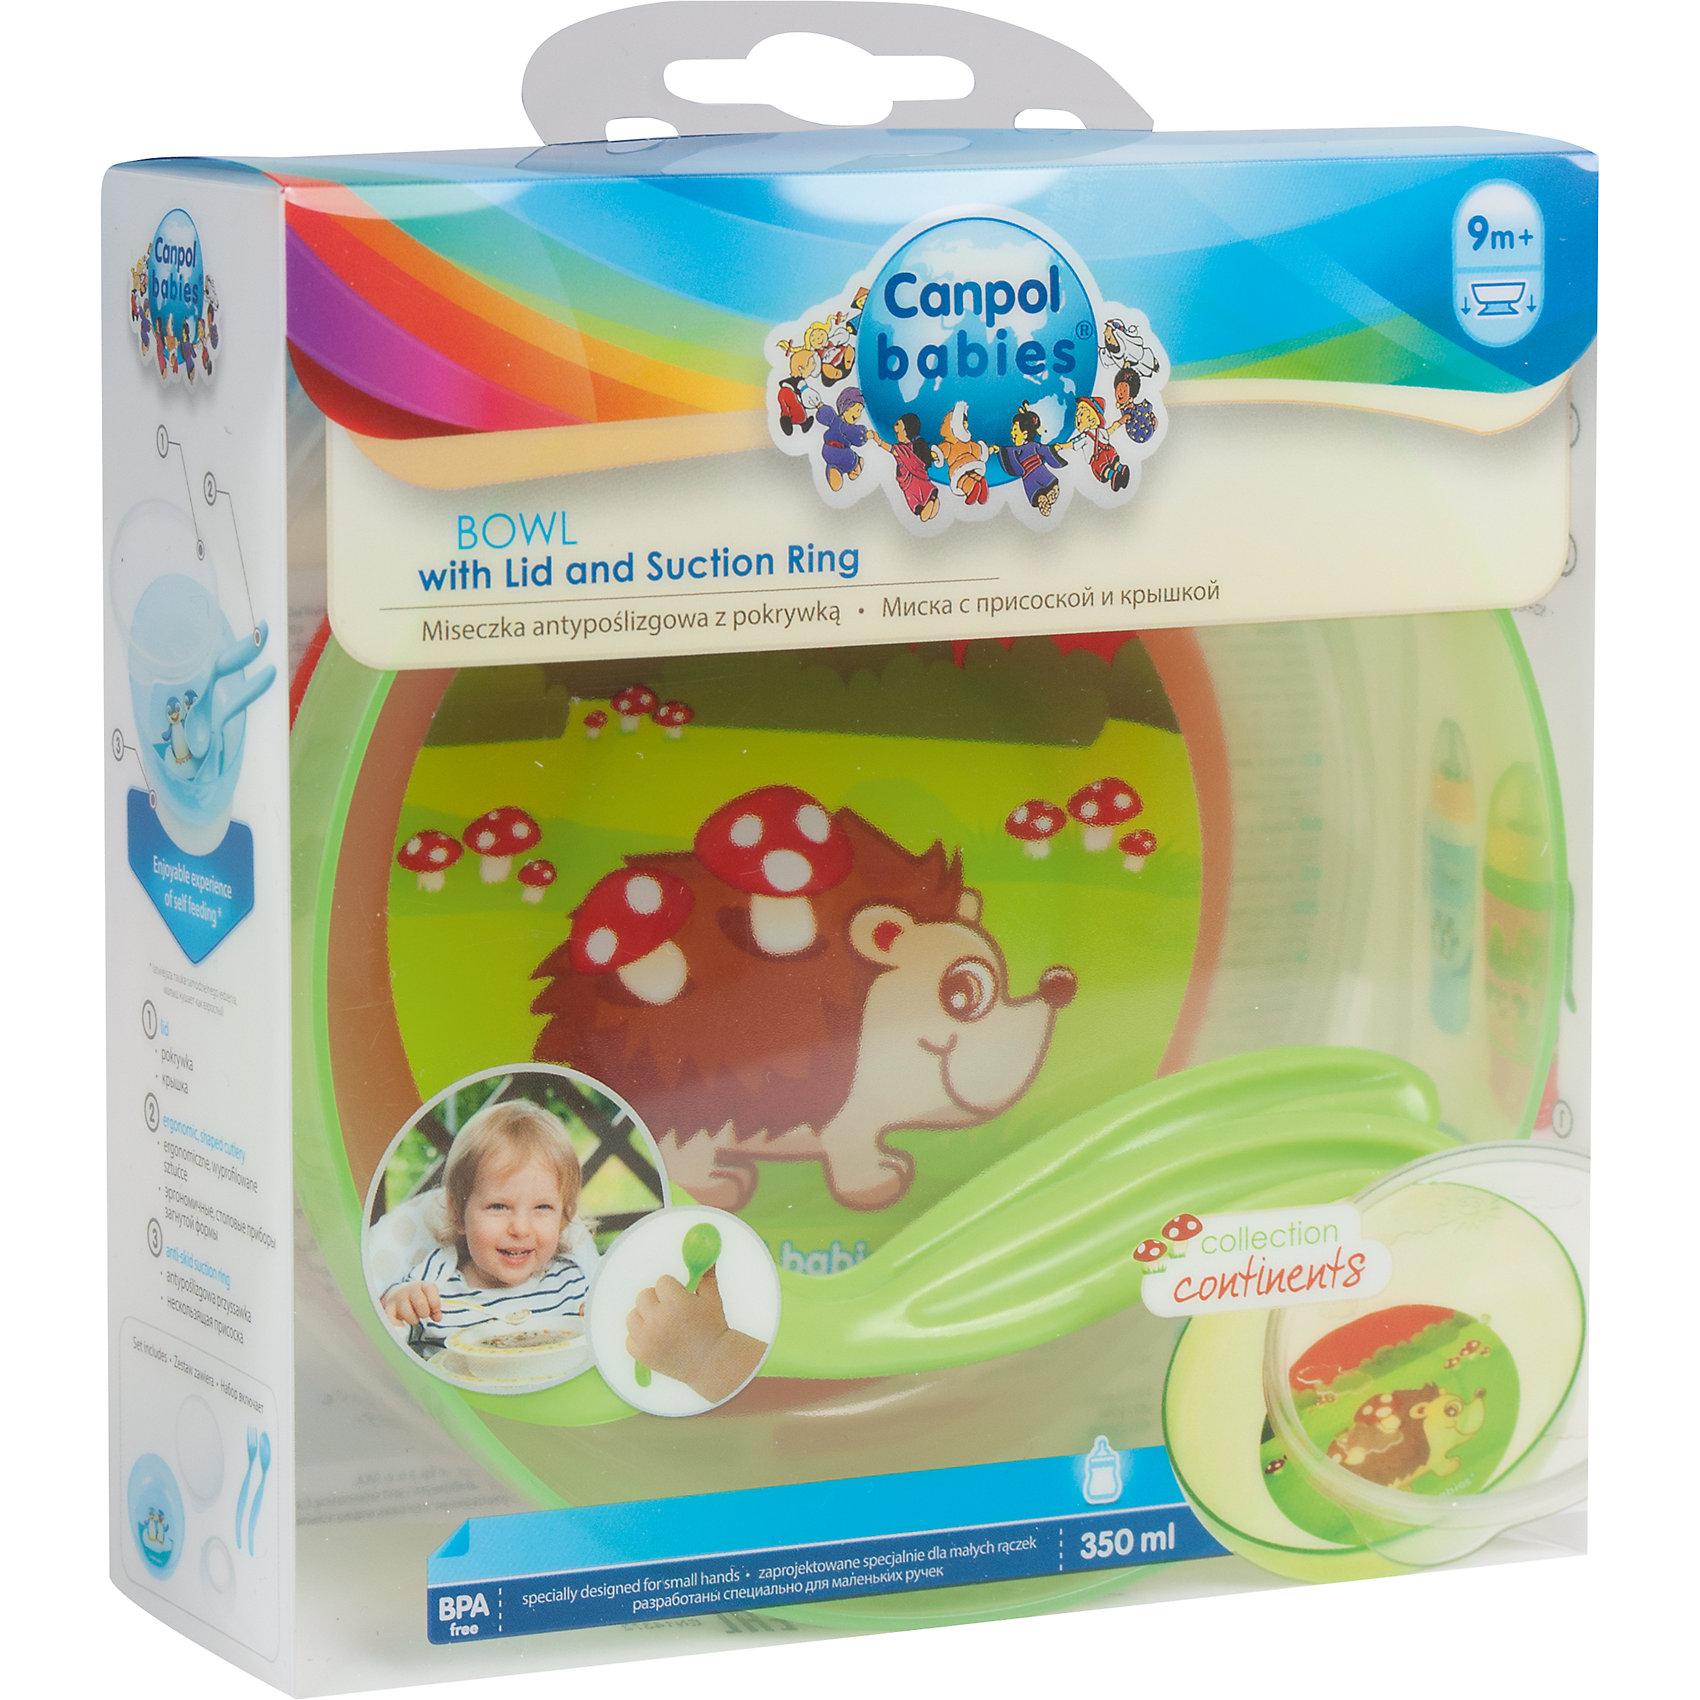 Миска на присоске с крышкой, вилкой и ложкой, 9+, Canpol Babies, зеленыйПосуда для малышей<br>Характеристики:<br><br>• Наименование: набор для кормления<br>• Пол: универсальный<br>• Материал: пластик, силикон<br>• Цвет: зеленый<br>• Комплектация: миска на присоске, крышка, вилка и ложка<br>• Особенности ухода: допускается мытье в посудомоечной машине<br><br>Миска на присоске с крышкой, вилкой и ложкой, 9+, Canpol Babies, зеленый предназначены не только для кормления детей родителями, но и станет первым набором посуды, с которого ребенок может учиться кушать самостоятельно. Все предметы изготовлены из экологически безопасных материалов, не имеют острых углов. С целью предотвращения опрокидывания тарелочки у нее предусмотрена надежная присоска, а крышечка не позволит не только остыть еде, но и защитит от проливания. Набор выполнен в ярком цвете с красочными рисунками. <br><br>Миску на присоске с крышкой, вилкой и ложкой, 9+, Canpol Babies, зеленые можно купить в нашем интернет-магазине.<br><br>Ширина мм: 215<br>Глубина мм: 70<br>Высота мм: 260<br>Вес г: 1030<br>Возраст от месяцев: 9<br>Возраст до месяцев: 36<br>Пол: Унисекс<br>Возраст: Детский<br>SKU: 5156682